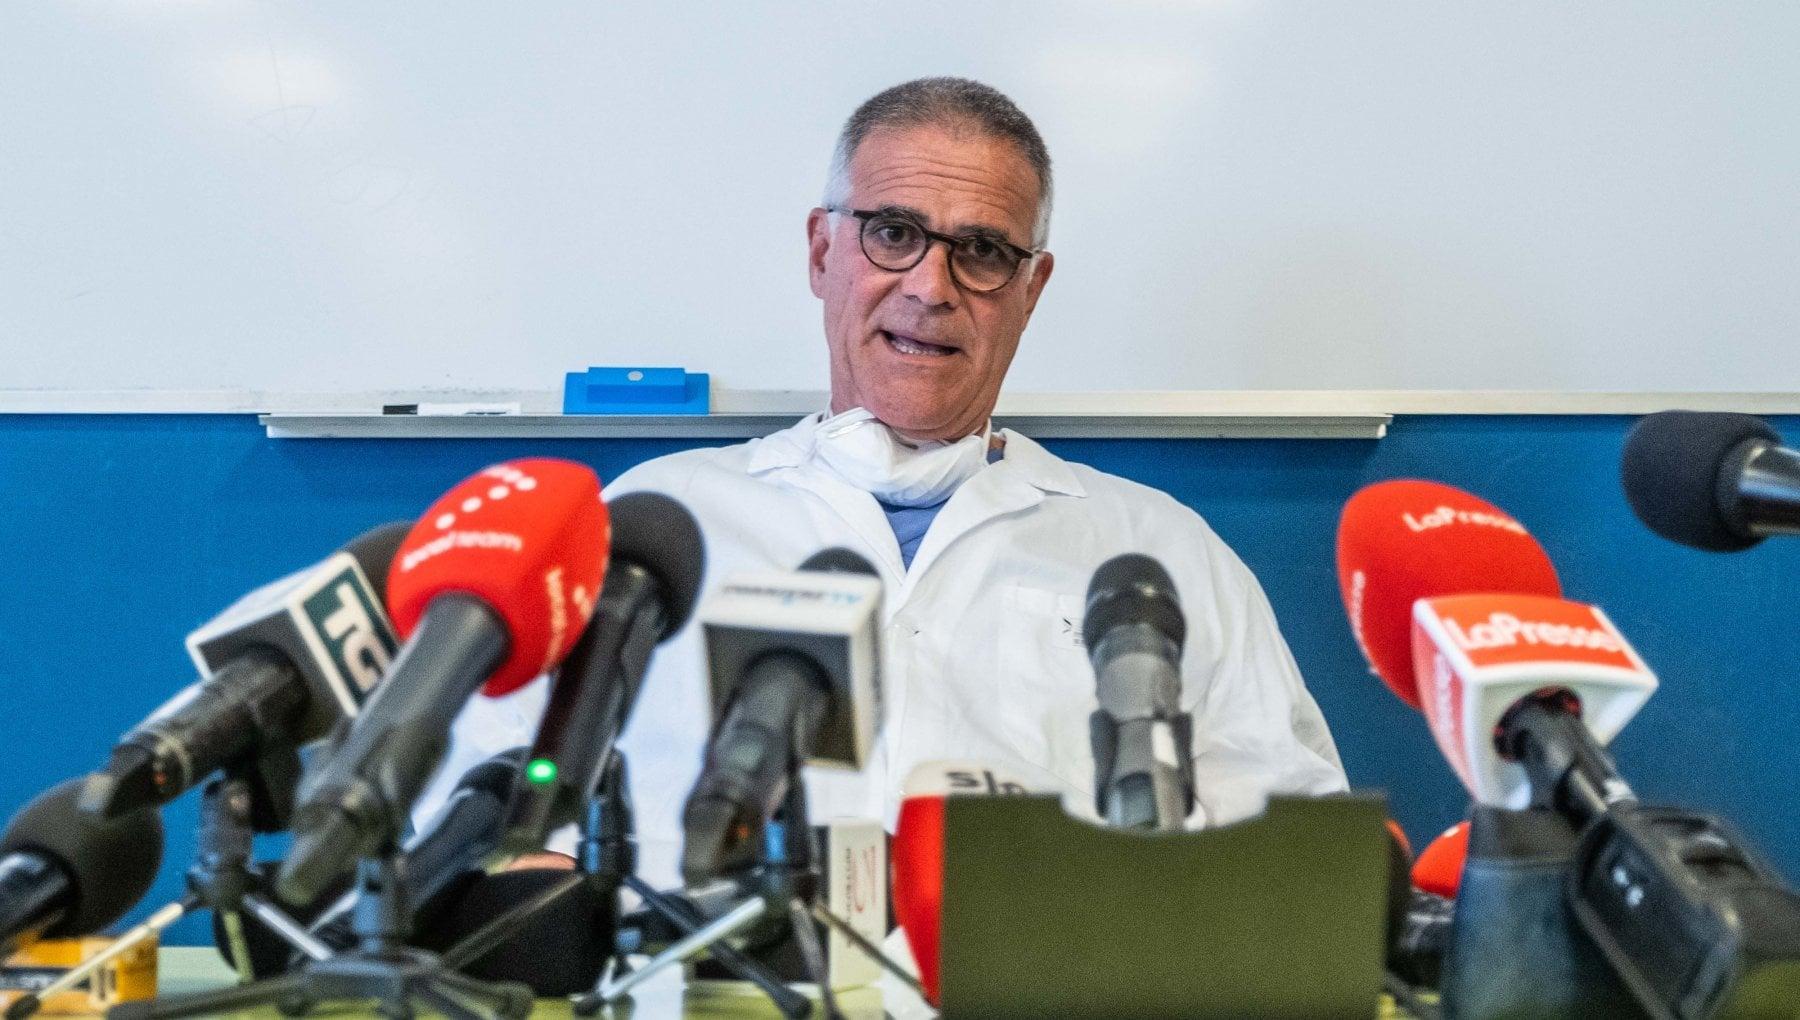 Zangrillo polemica sul tweet Figata salvare vite umane mentre sciacalli che non hanno mai visto un malato sparano cazzate in tv